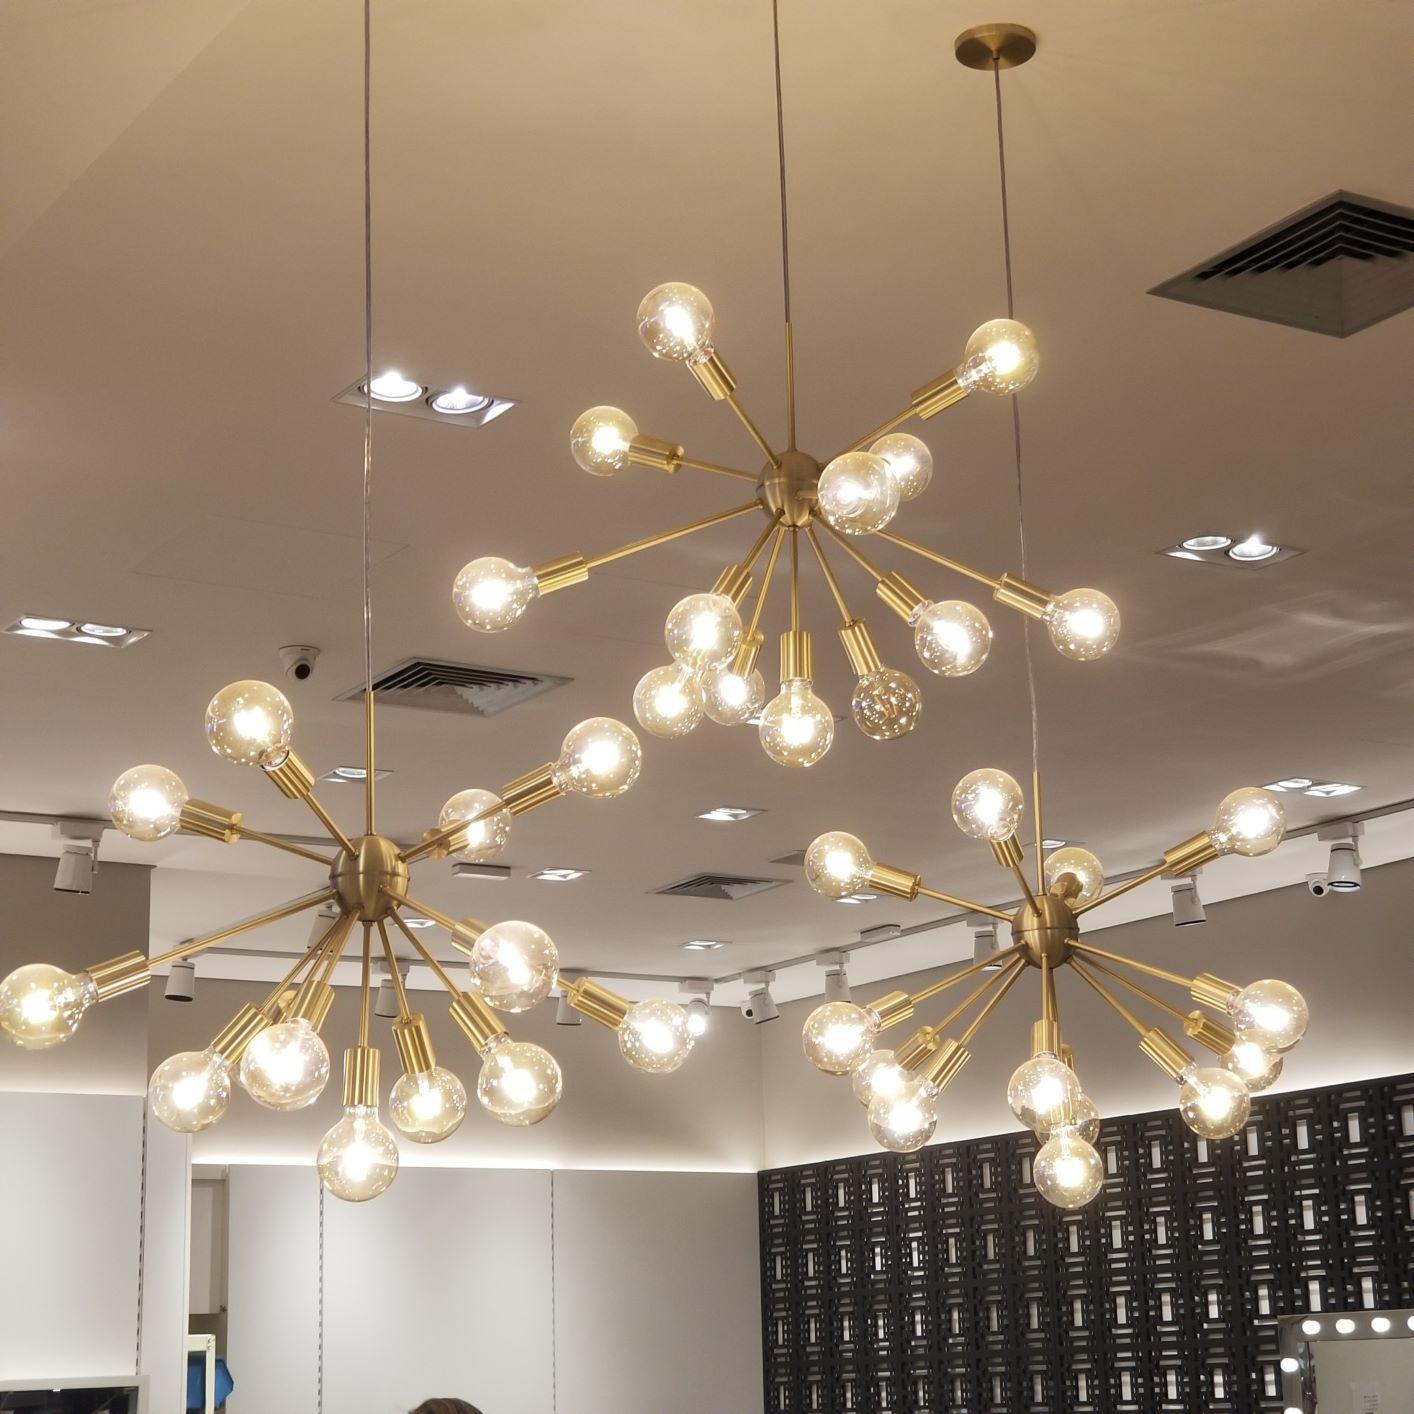 Lustre Pendente Moderno Sputnik Dourado - 13 Lâmpadas (Não Inclusas) -  CasaCenter